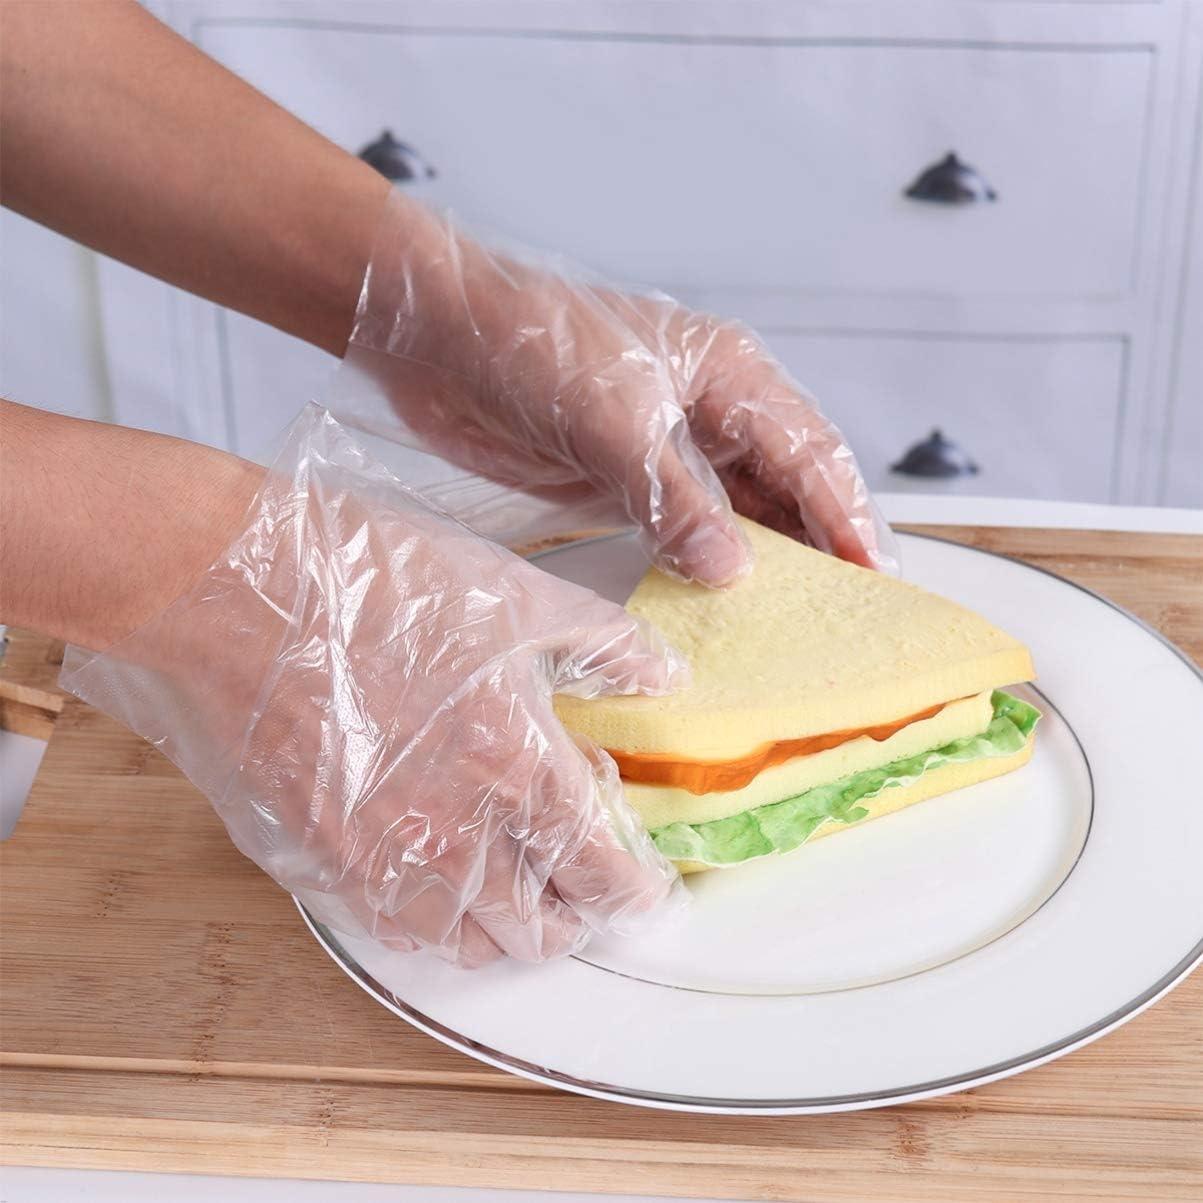 DOITOOL 400 Piezas de Guantes de Pl/ástico Transparente Guantes de Preparaci/ón de Alimentos Desechables para Cocinar Limpiar Manipular Alimentos Guantes de Pl/ástico Desechables de Grado Alimenticio